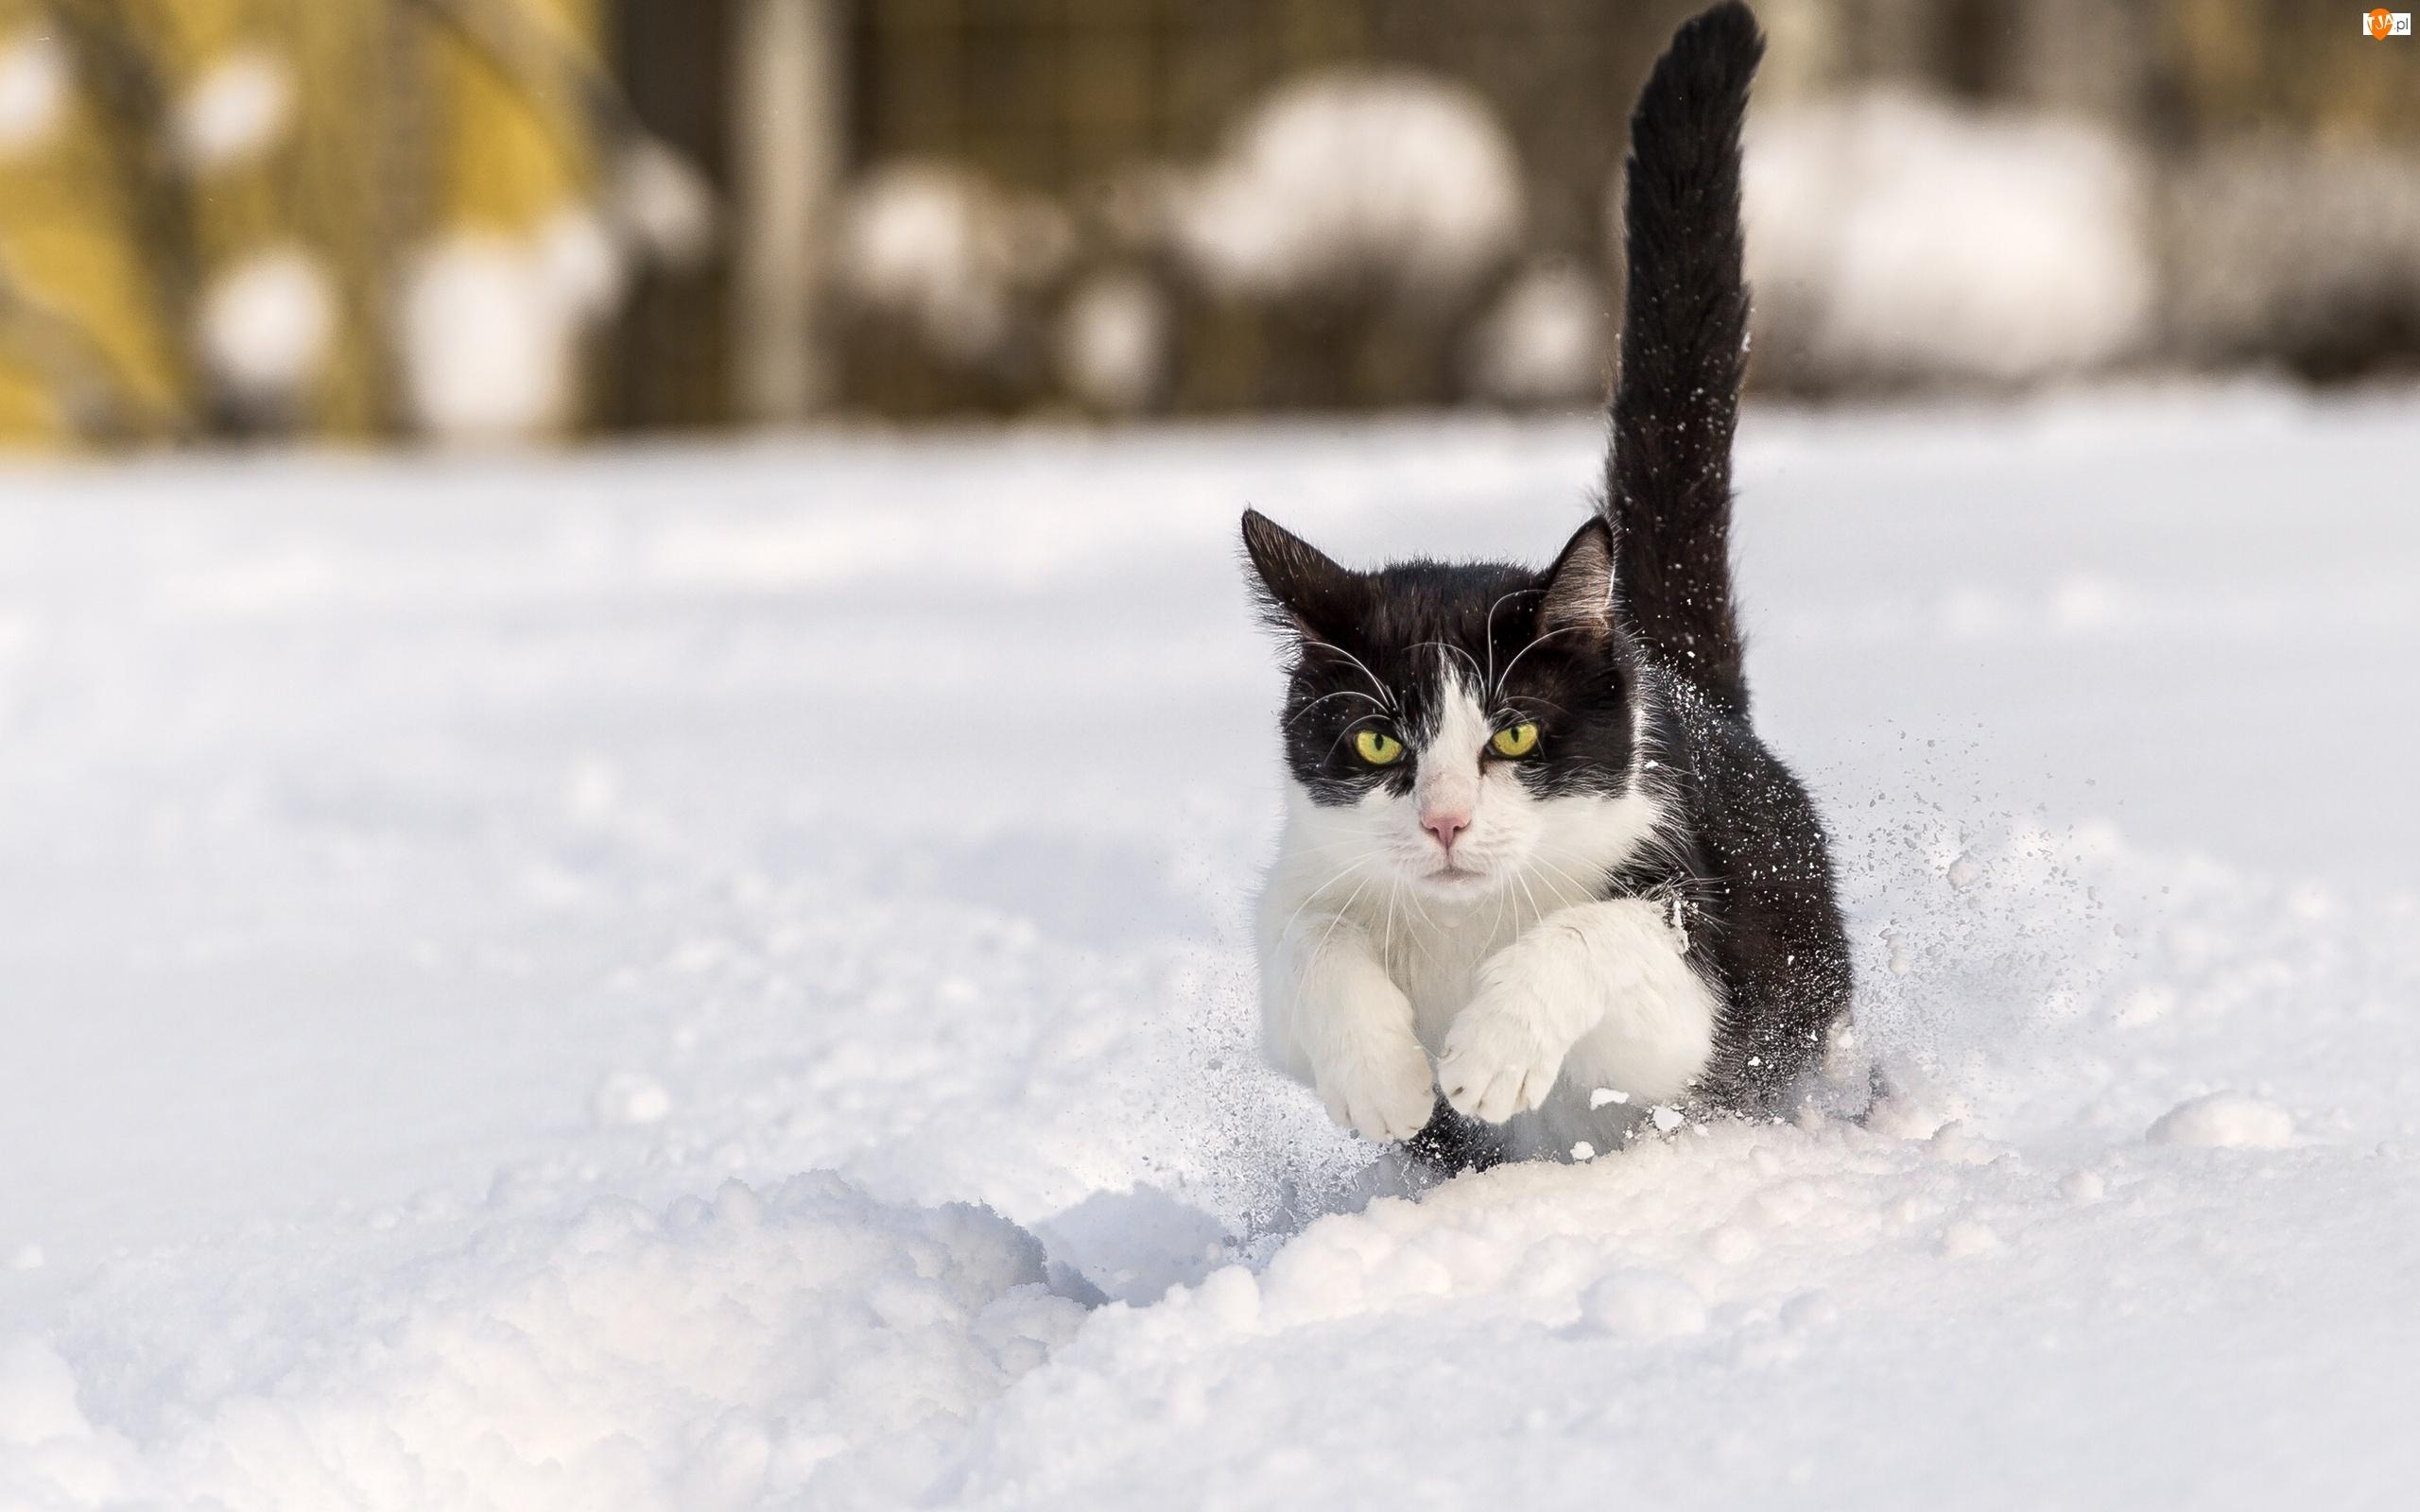 Śnieg, Kot, Czarno-biały